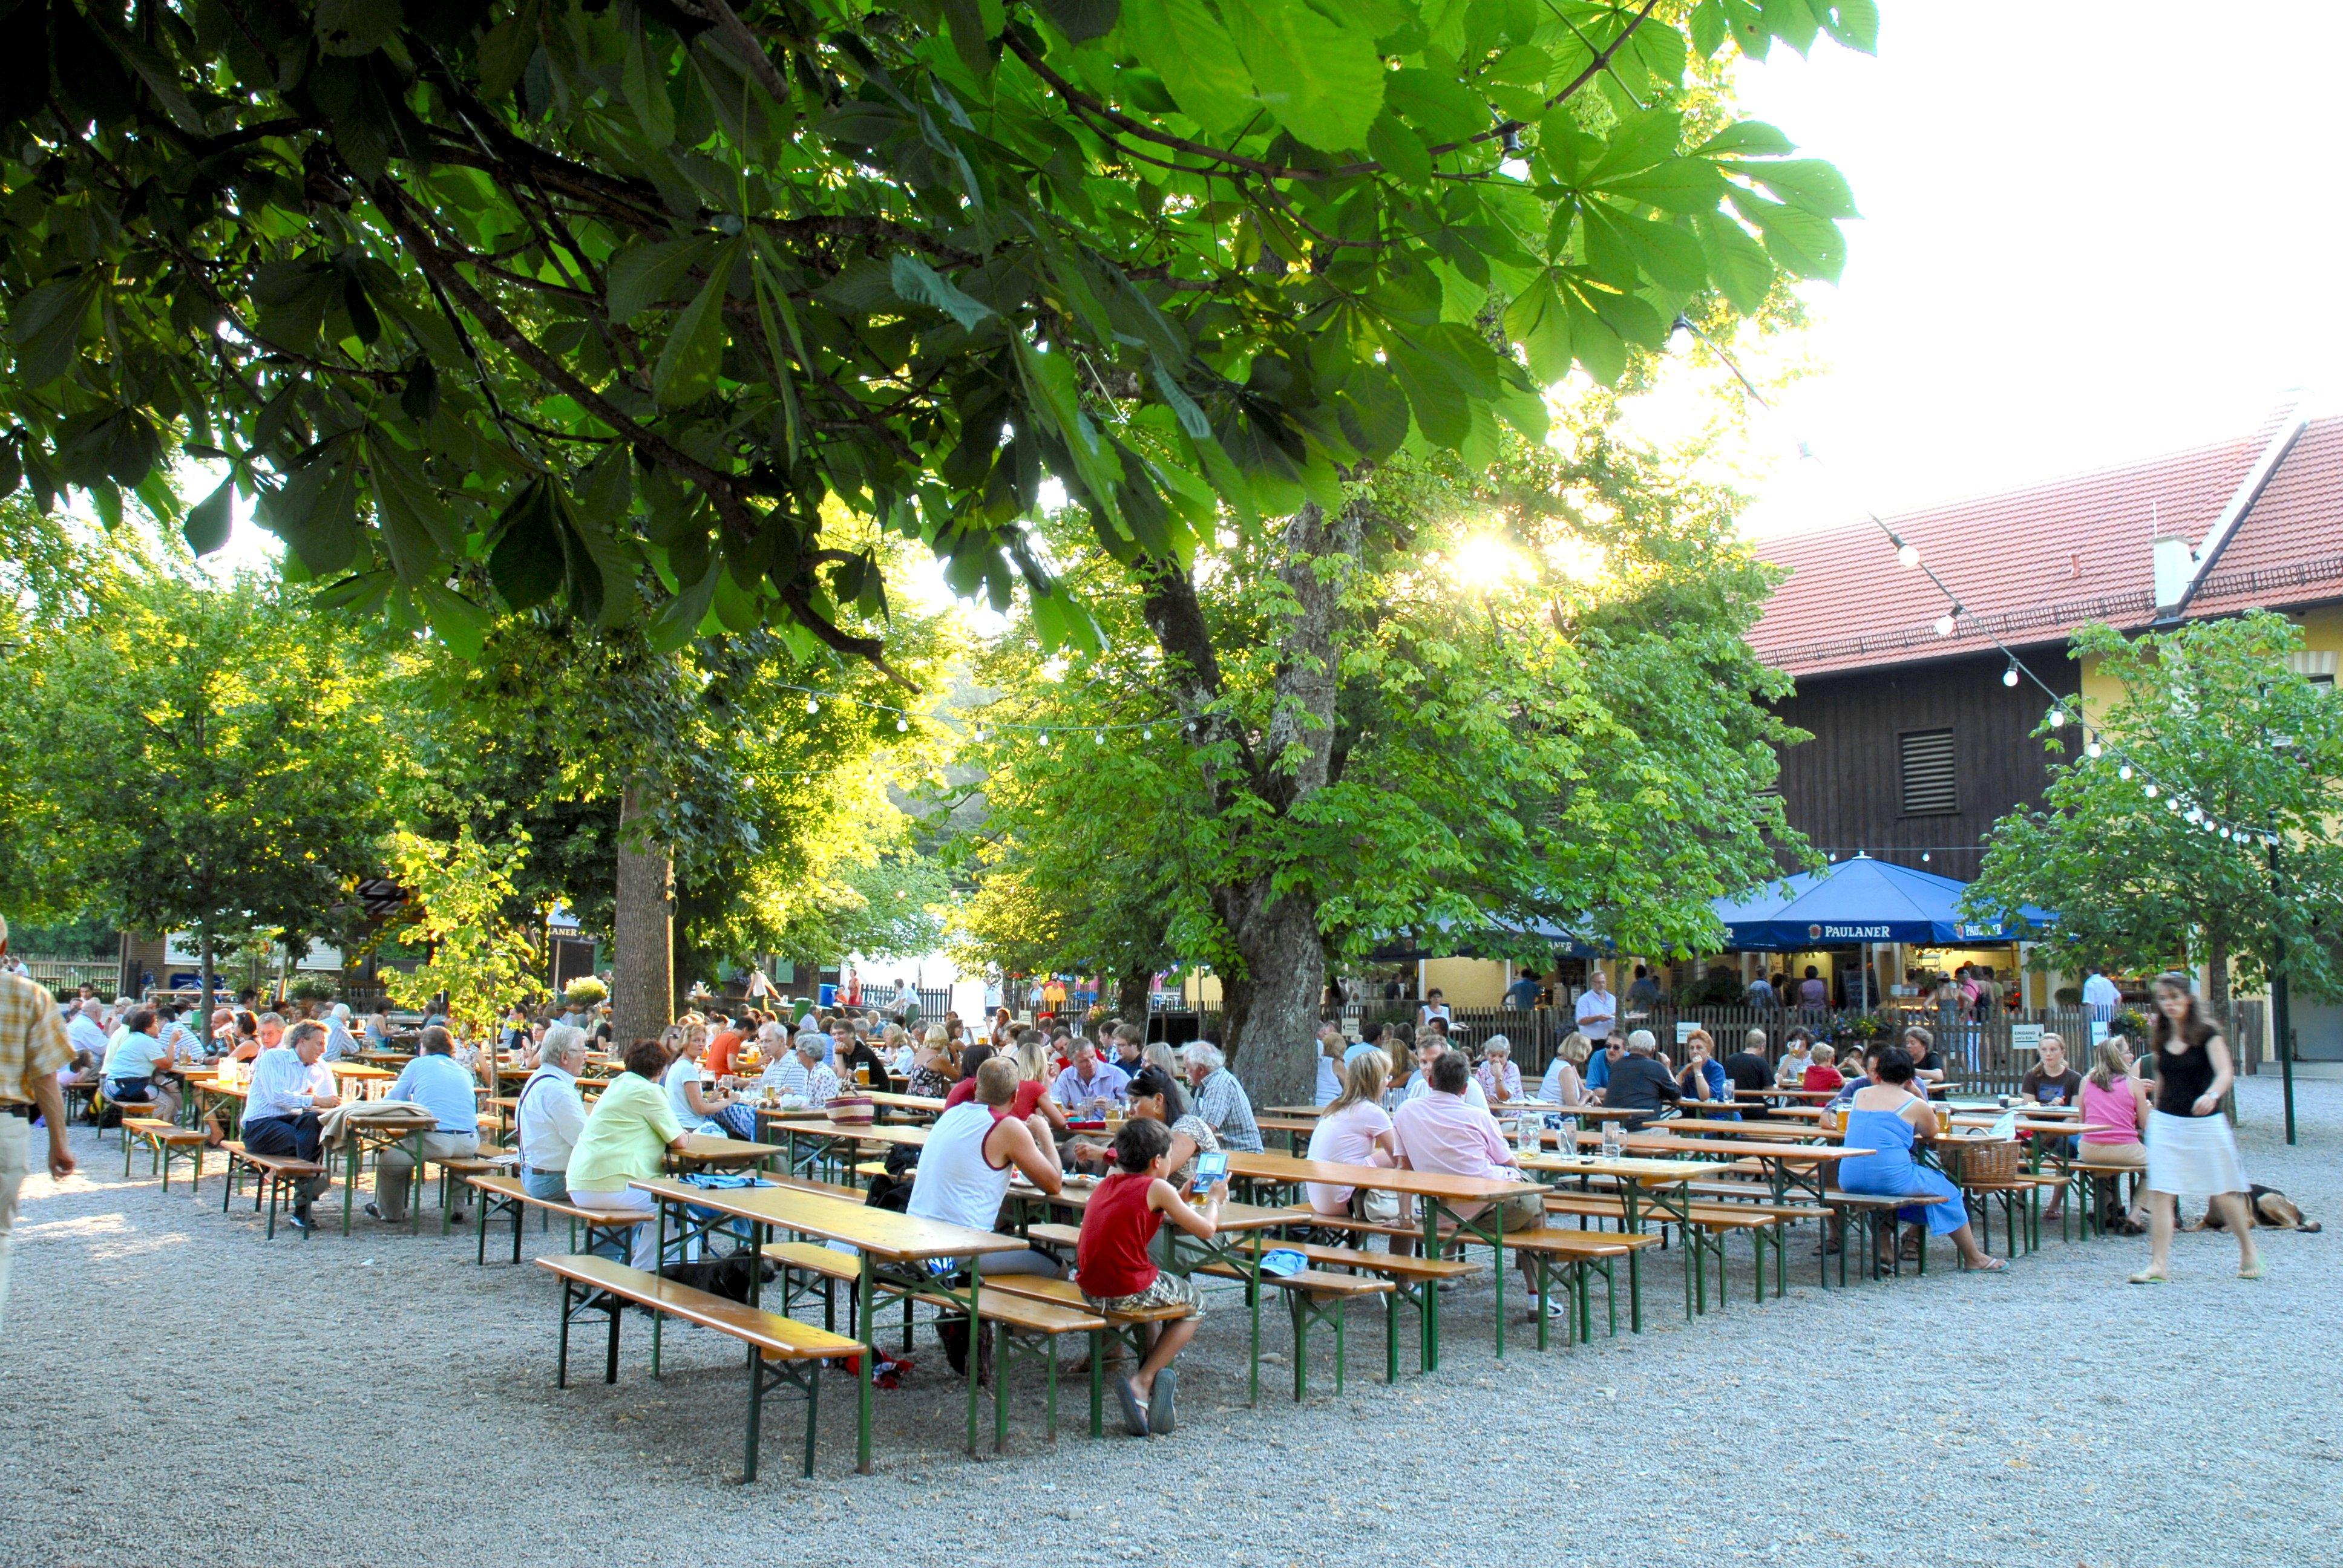 Things To Do in Croatian, Restaurants in Croatian